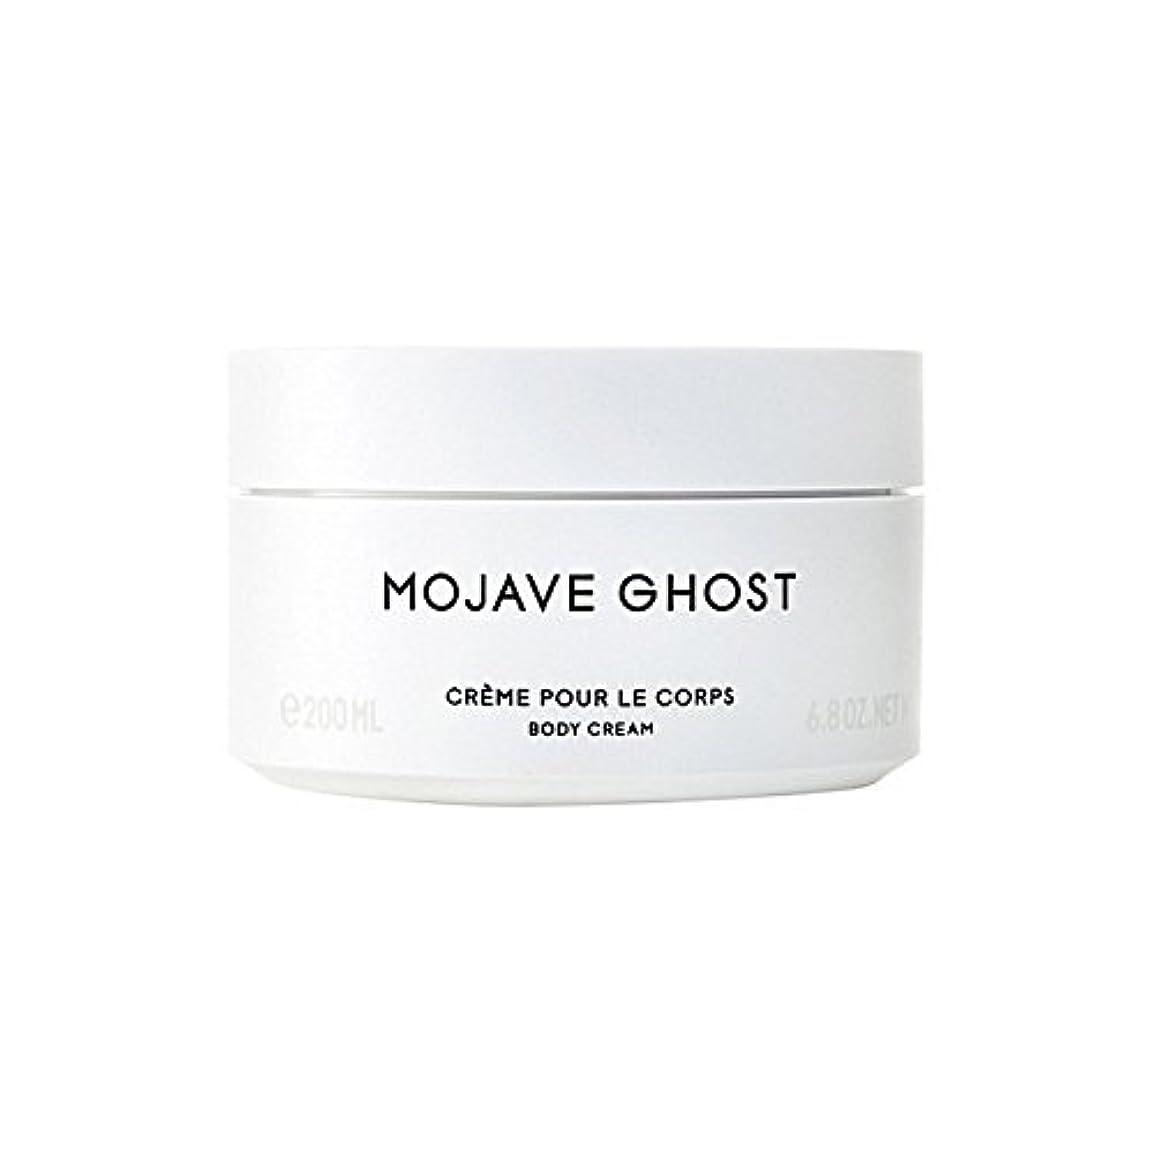 サスペンションサミュエル博物館モハーベゴーストボディクリーム200ミリリットル x4 - Byredo Mojave Ghost Body Cream 200ml (Pack of 4) [並行輸入品]